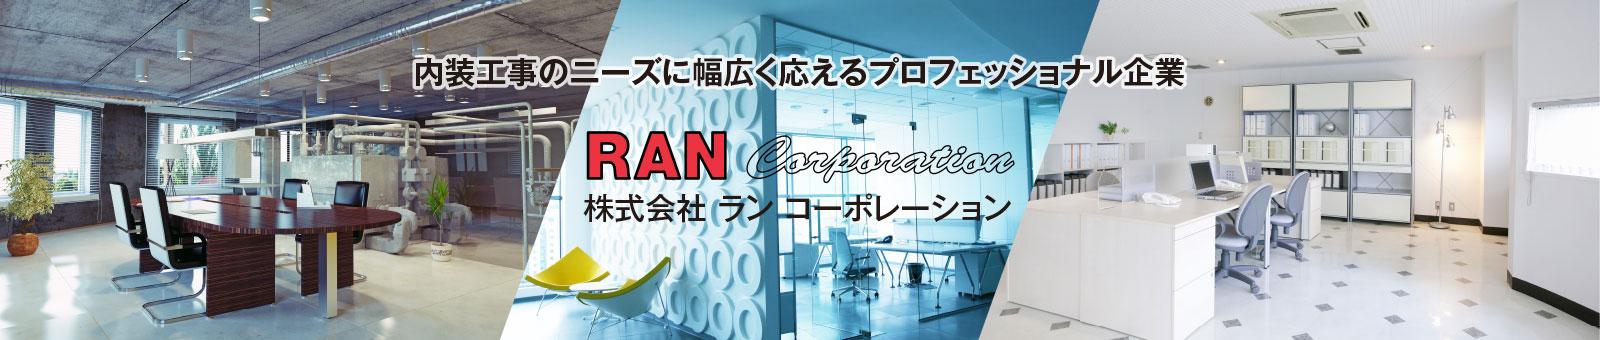 内装工事のニーズに幅広く応えるプロフェッショナル企業 株式会社ランコーポレーション